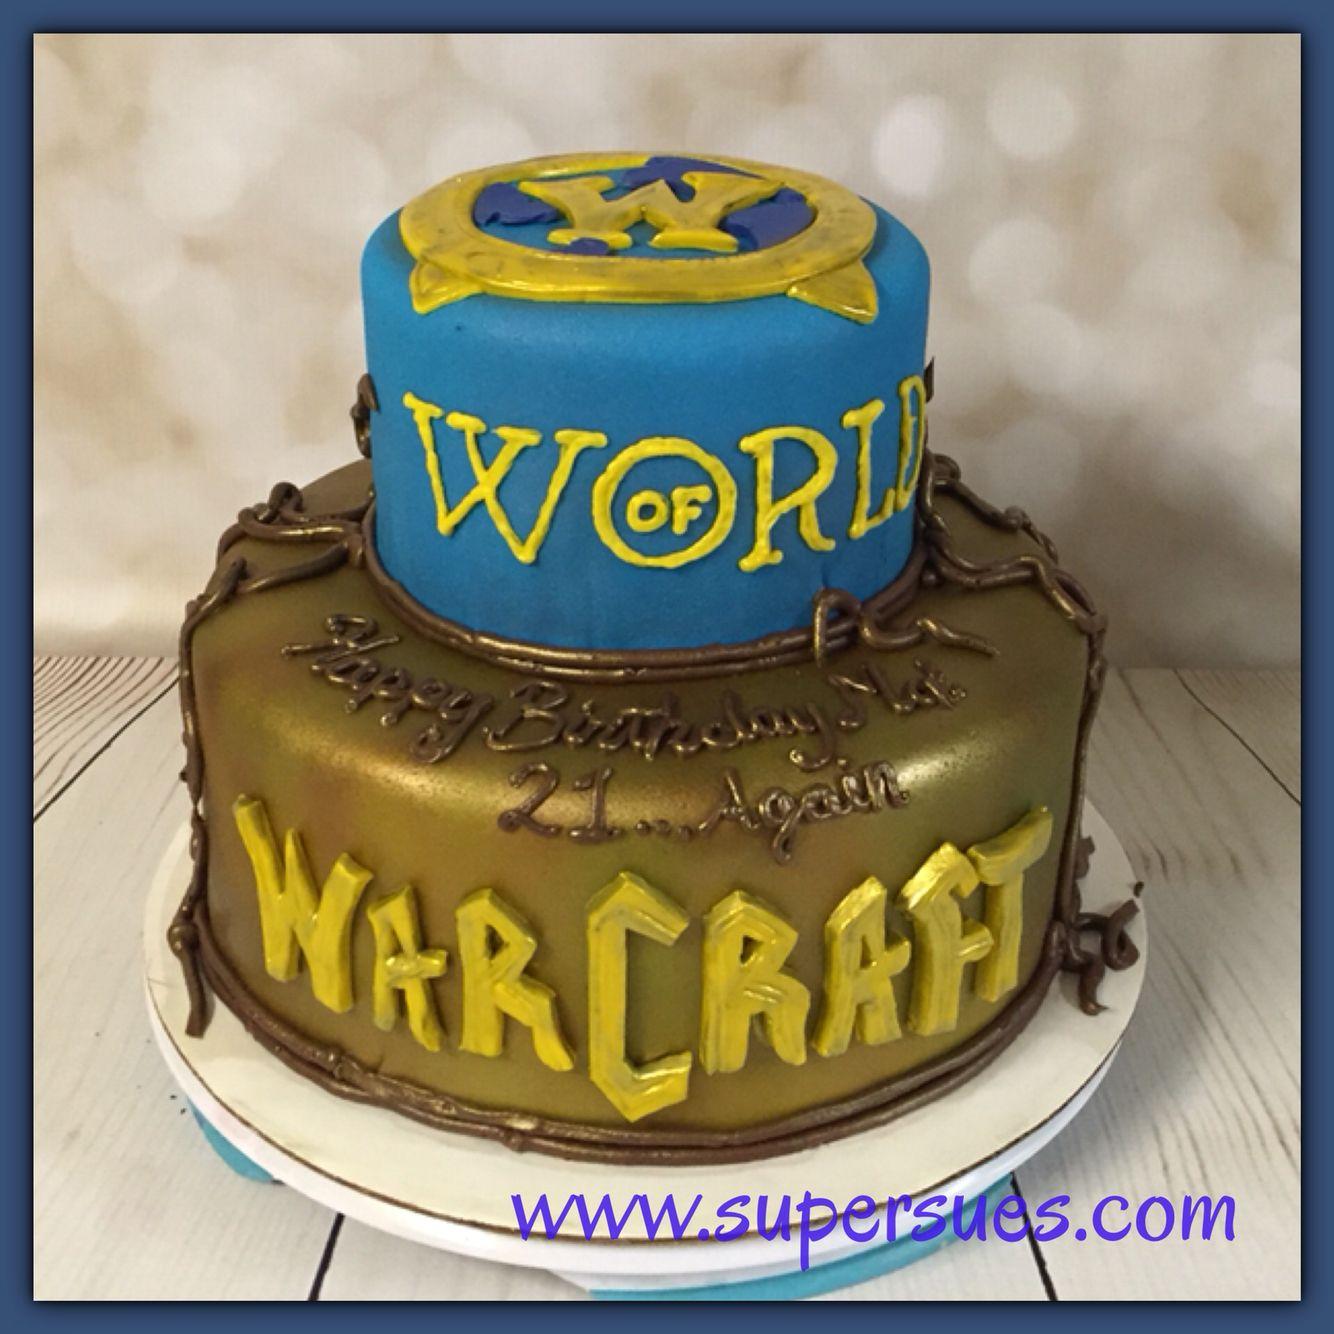 World Of Warcraft Themed Cake